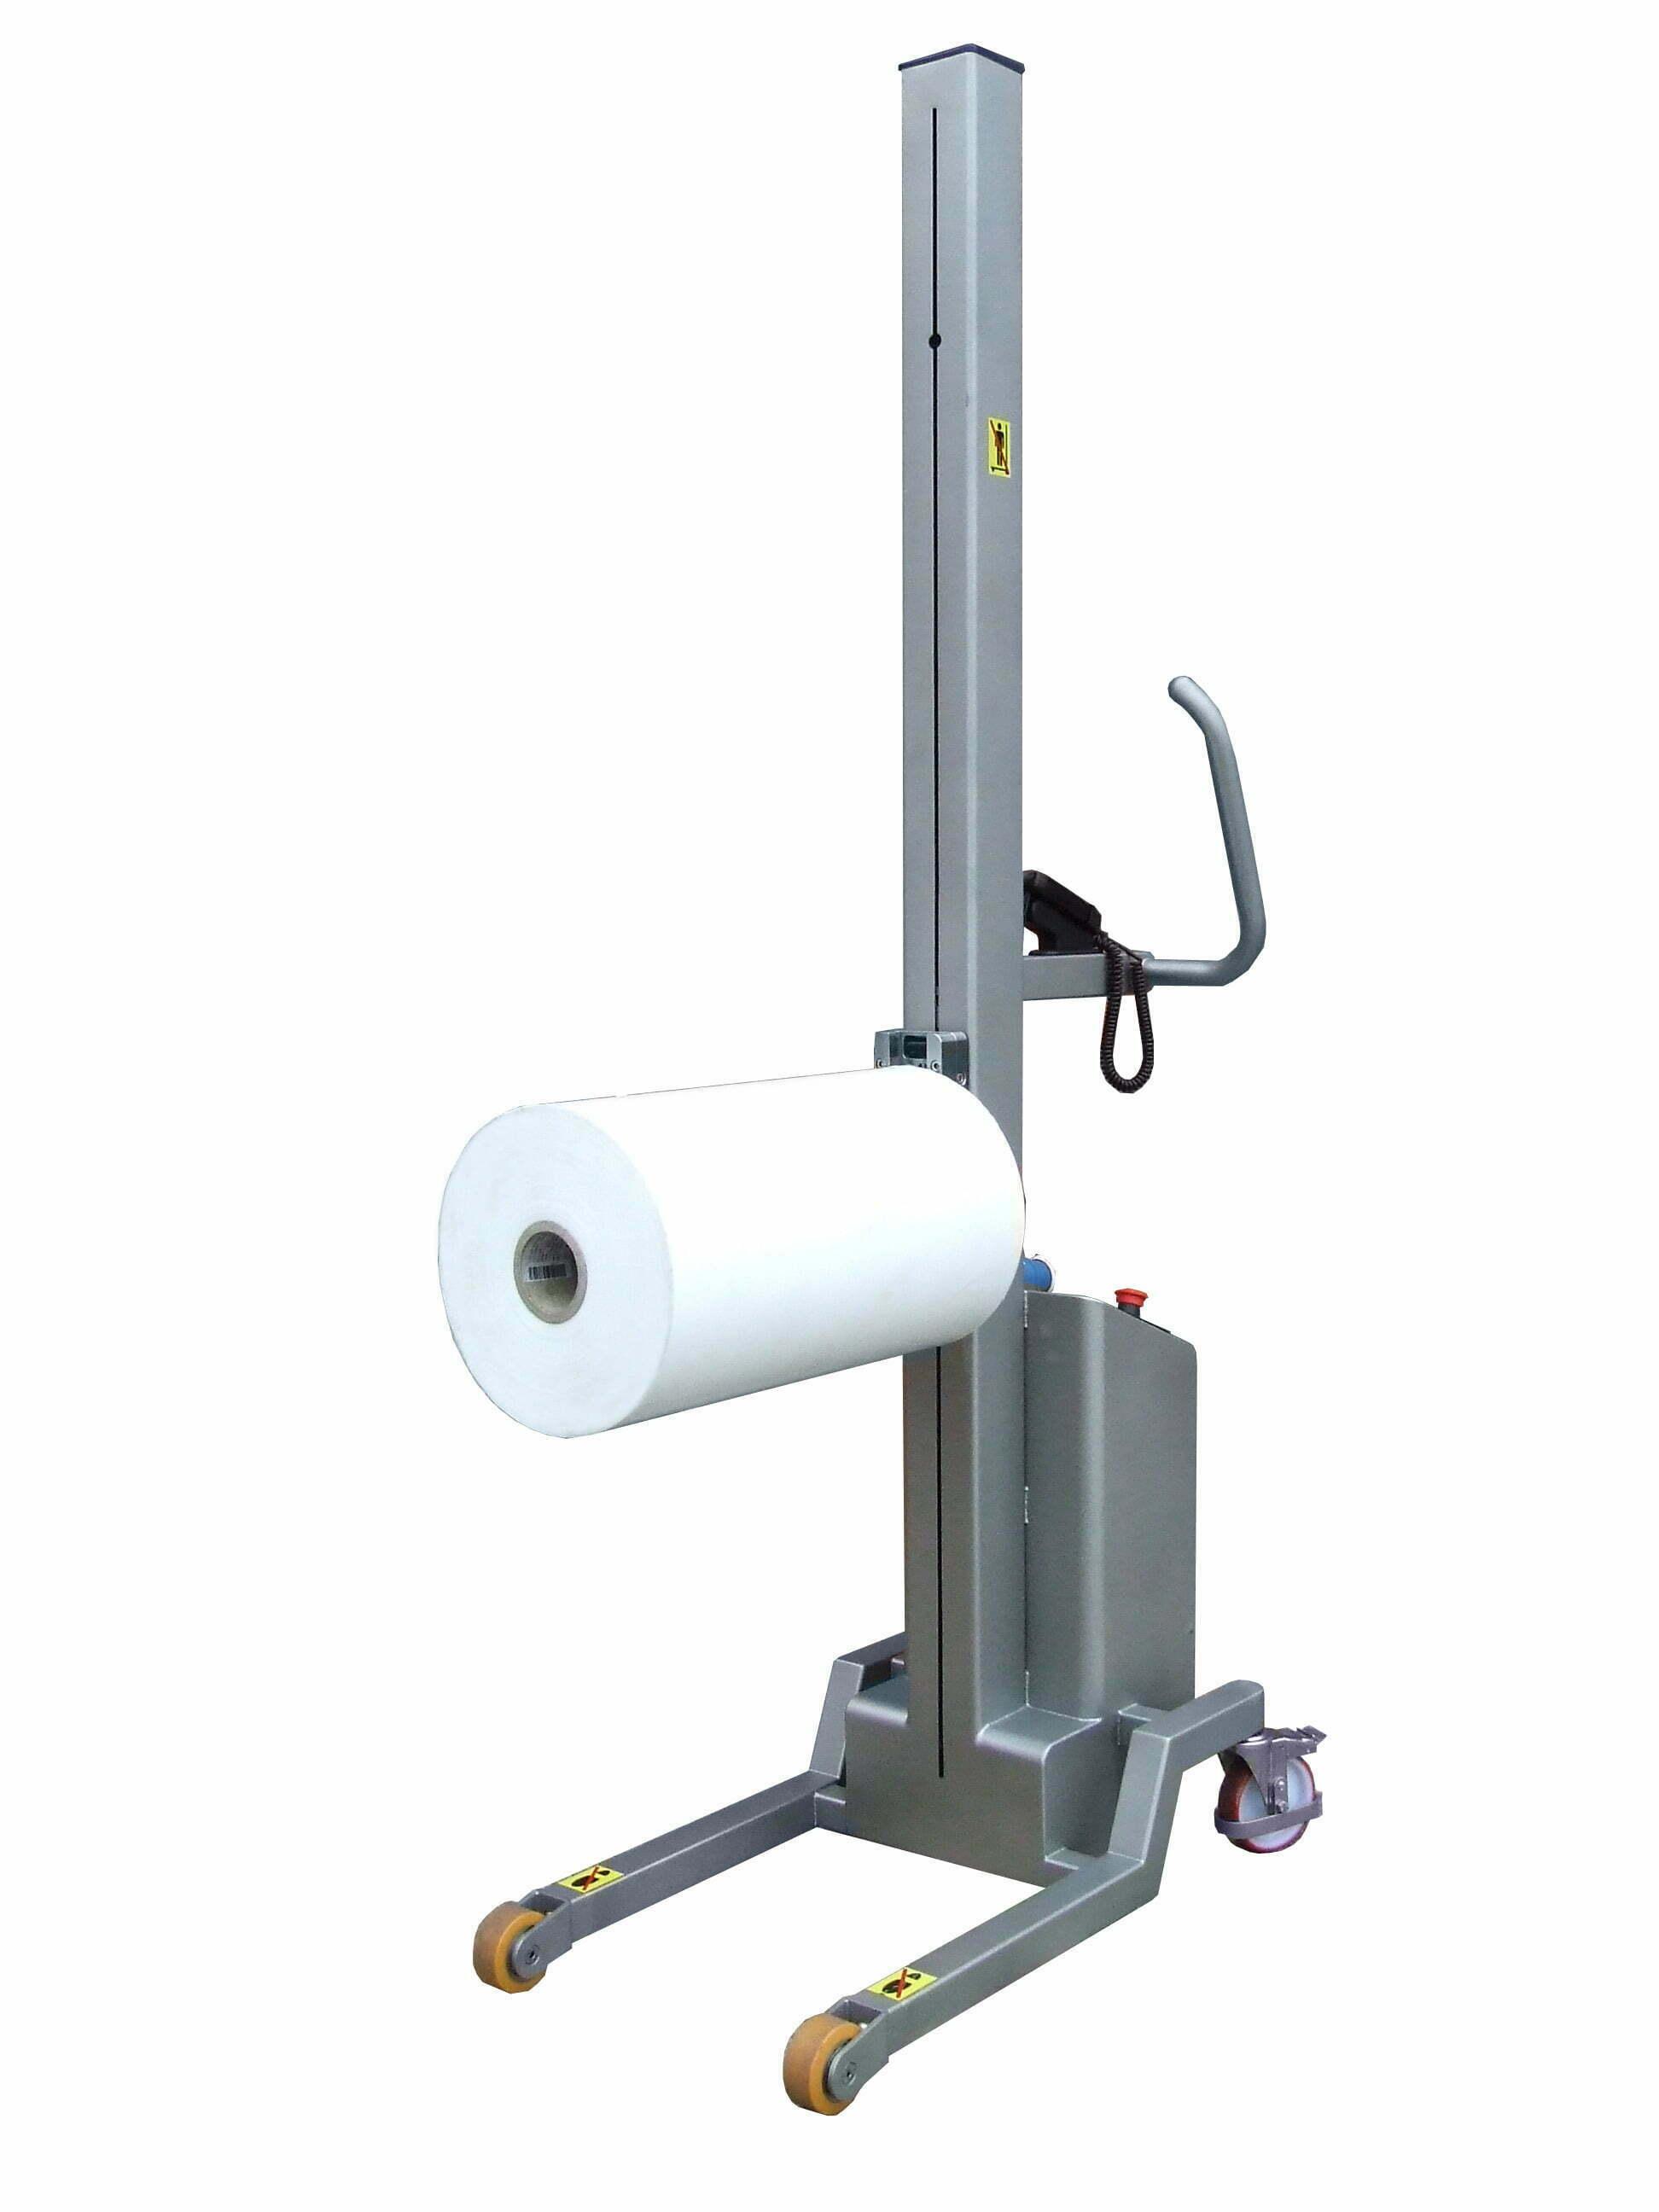 Reel Handling Roll Handling Packline Materials Handling